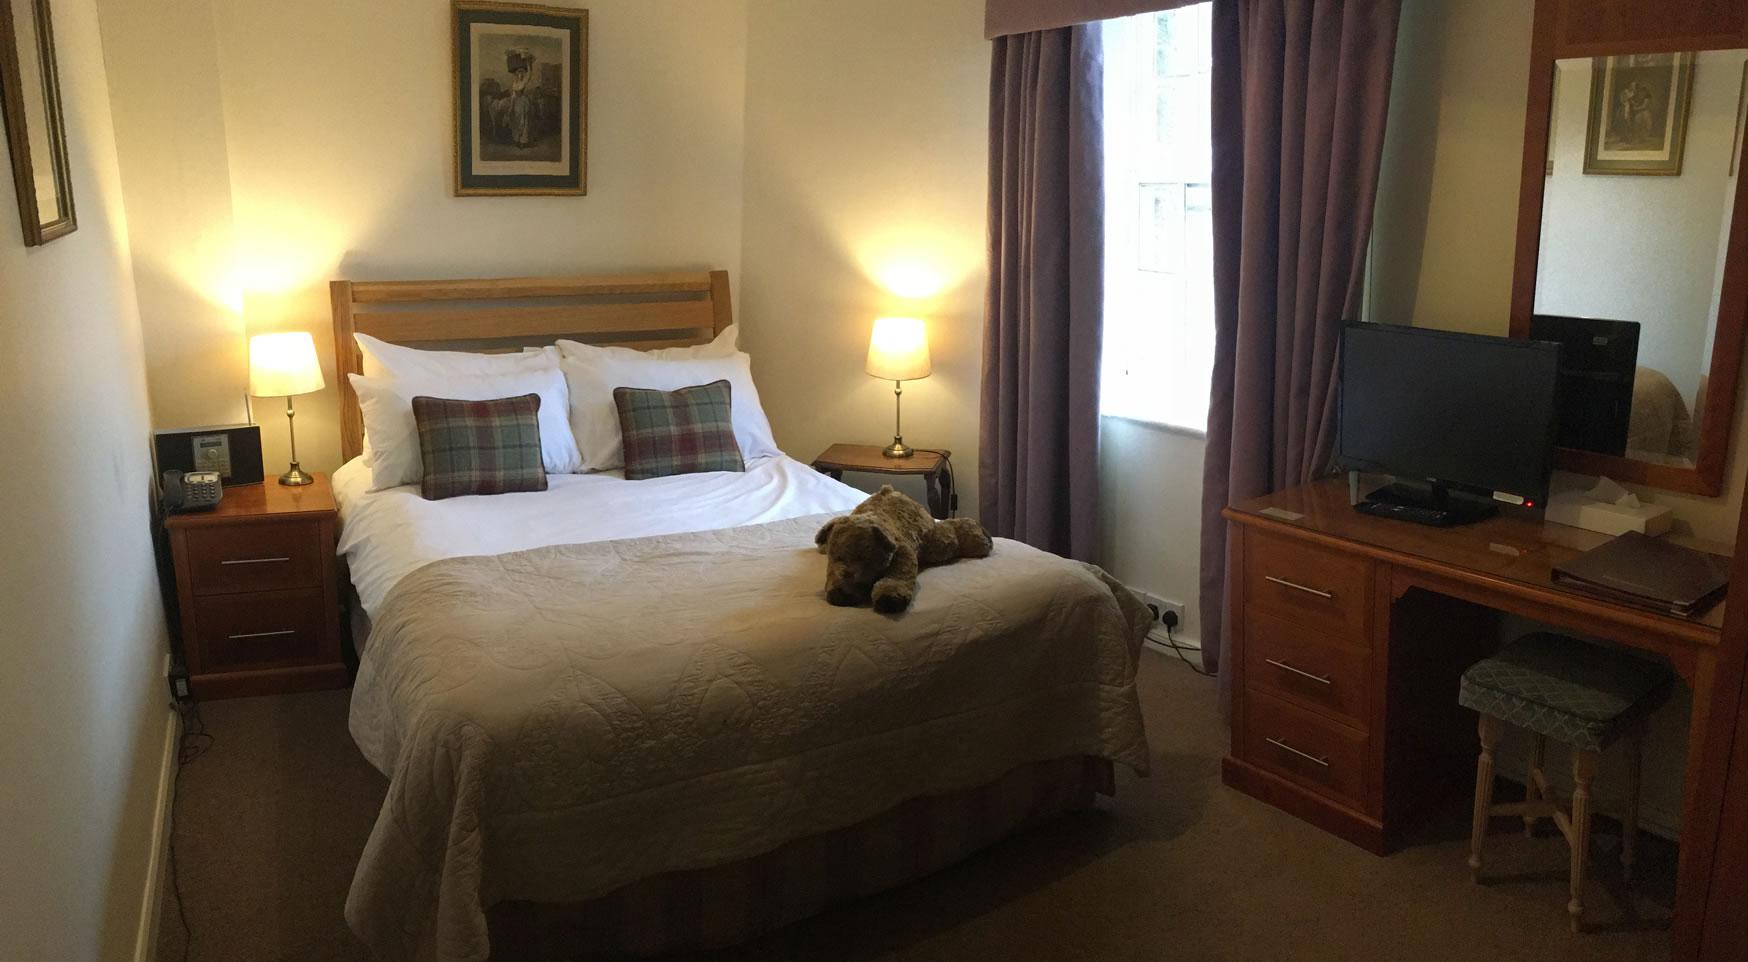 bedrooms-double